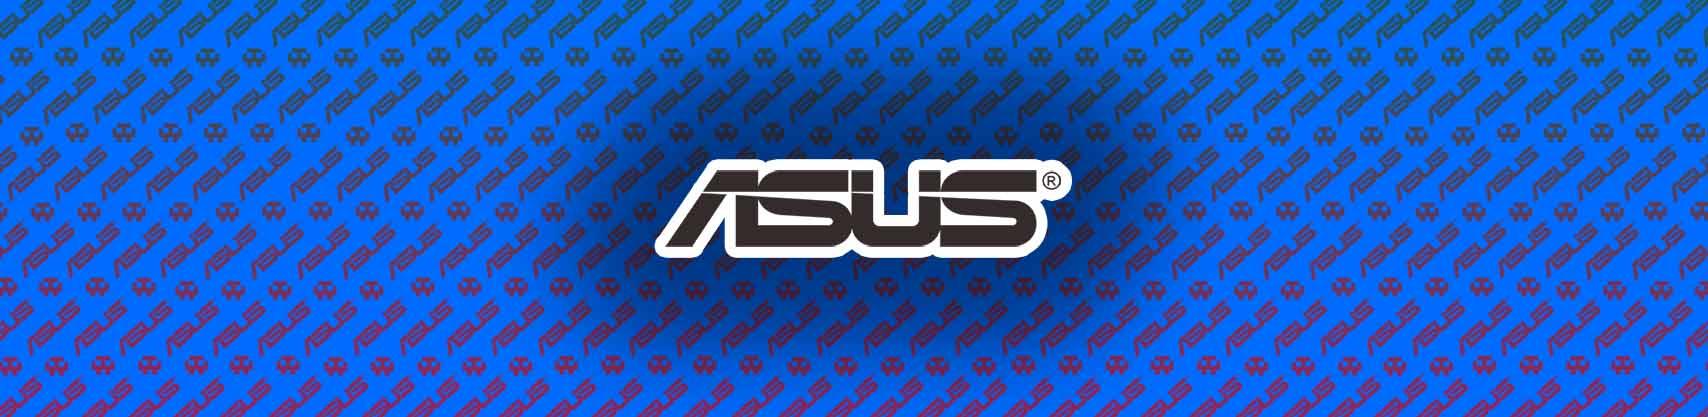 Asus Z170-A Manual